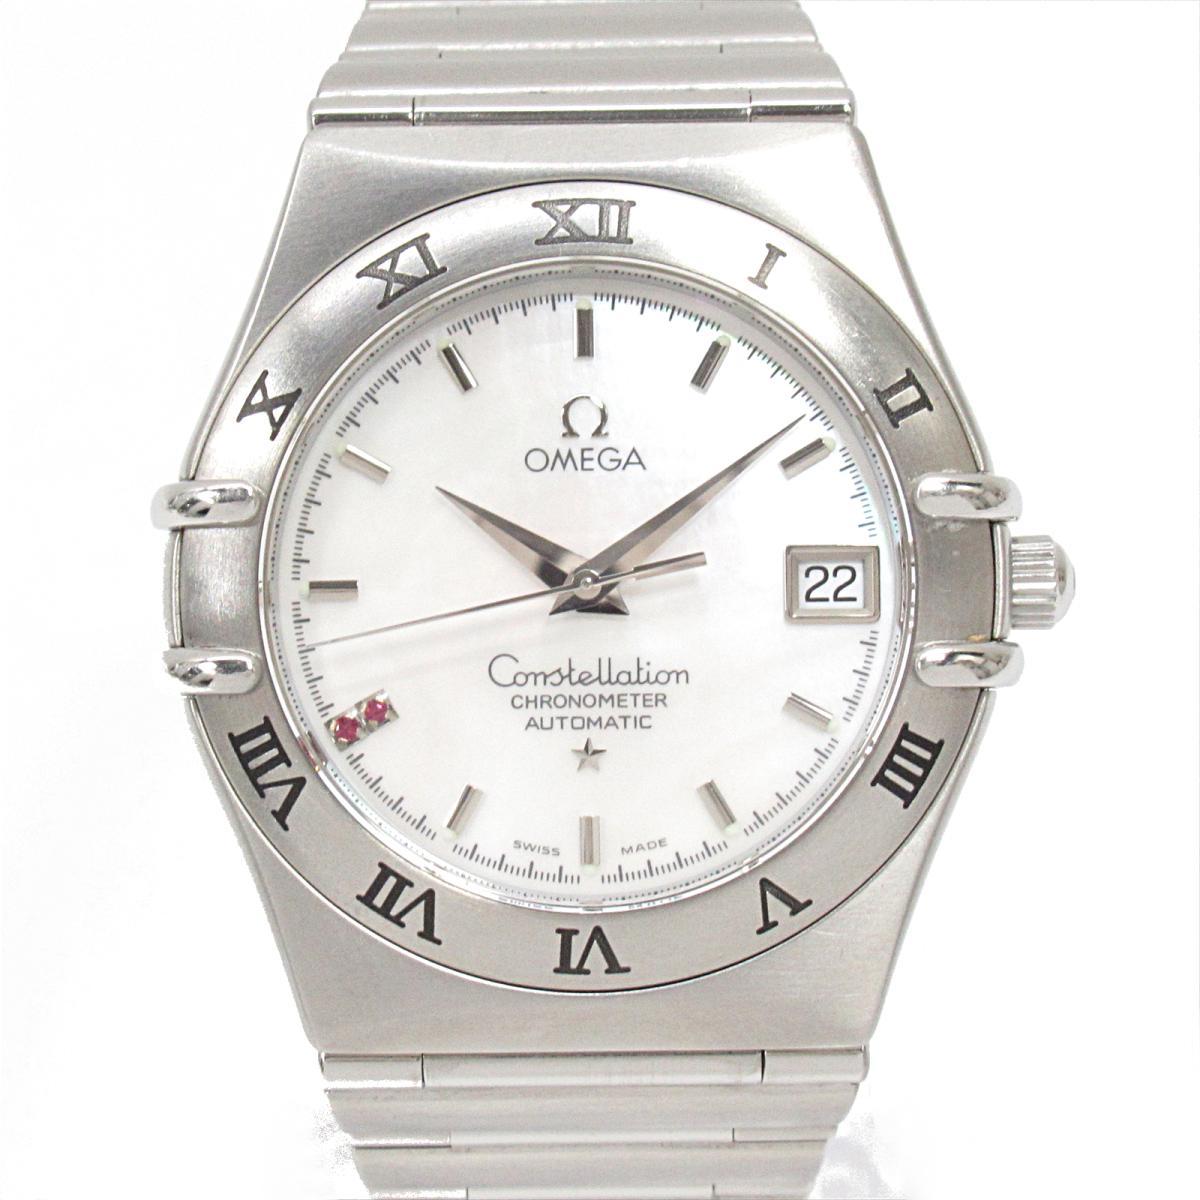 【中古】 オメガ コンステレーション 2Pルビー ウォッチ 腕時計 メンズ ステンレススチール (SS) (1516.76) | OMEGA BRANDOFF ブランドオフ ブランド ブランド時計 ブランド腕時計 時計